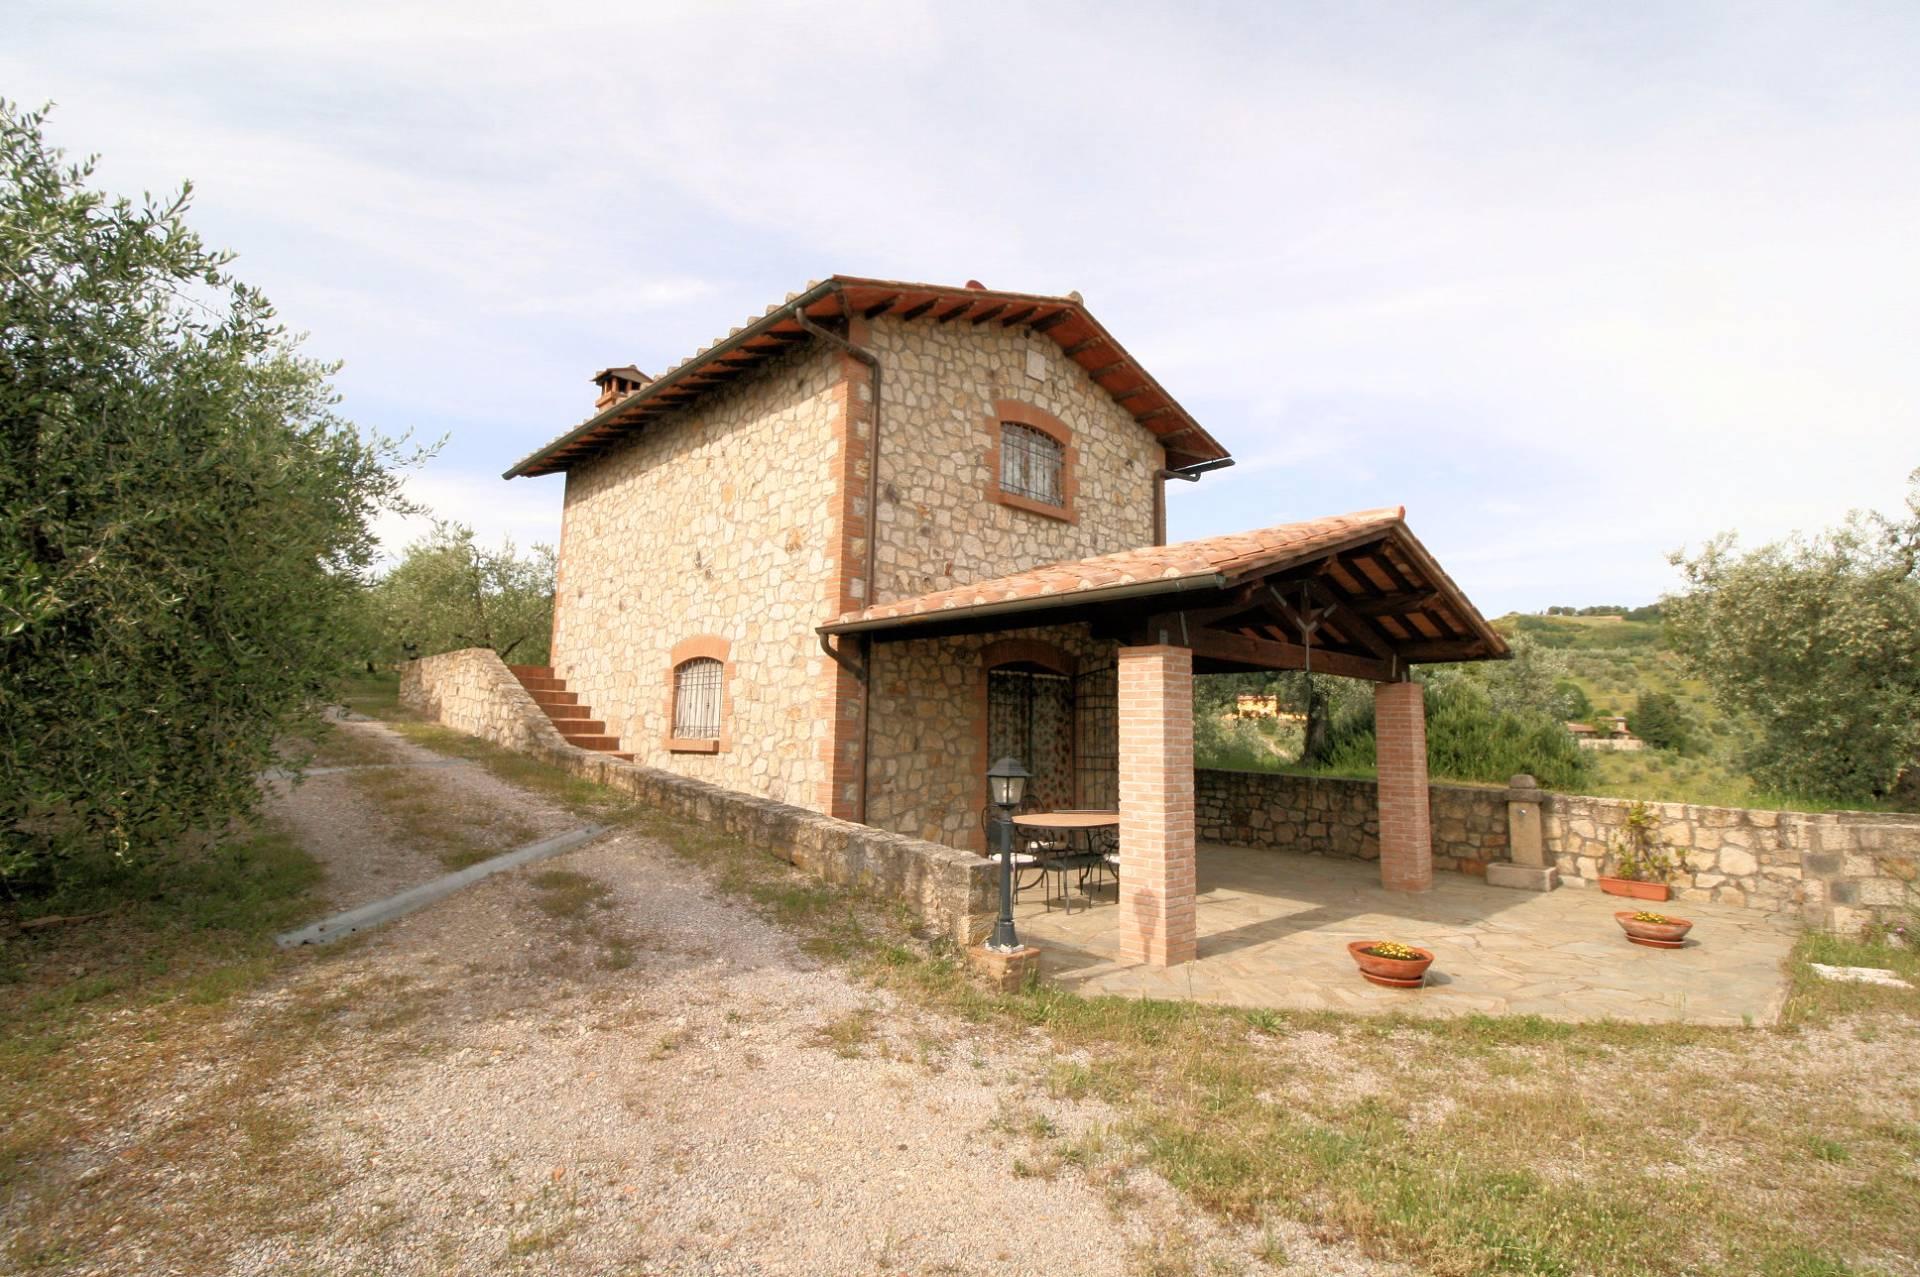 Rustico / Casale in vendita a Roccastrada, 4 locali, prezzo € 280.000 | Cambio Casa.it